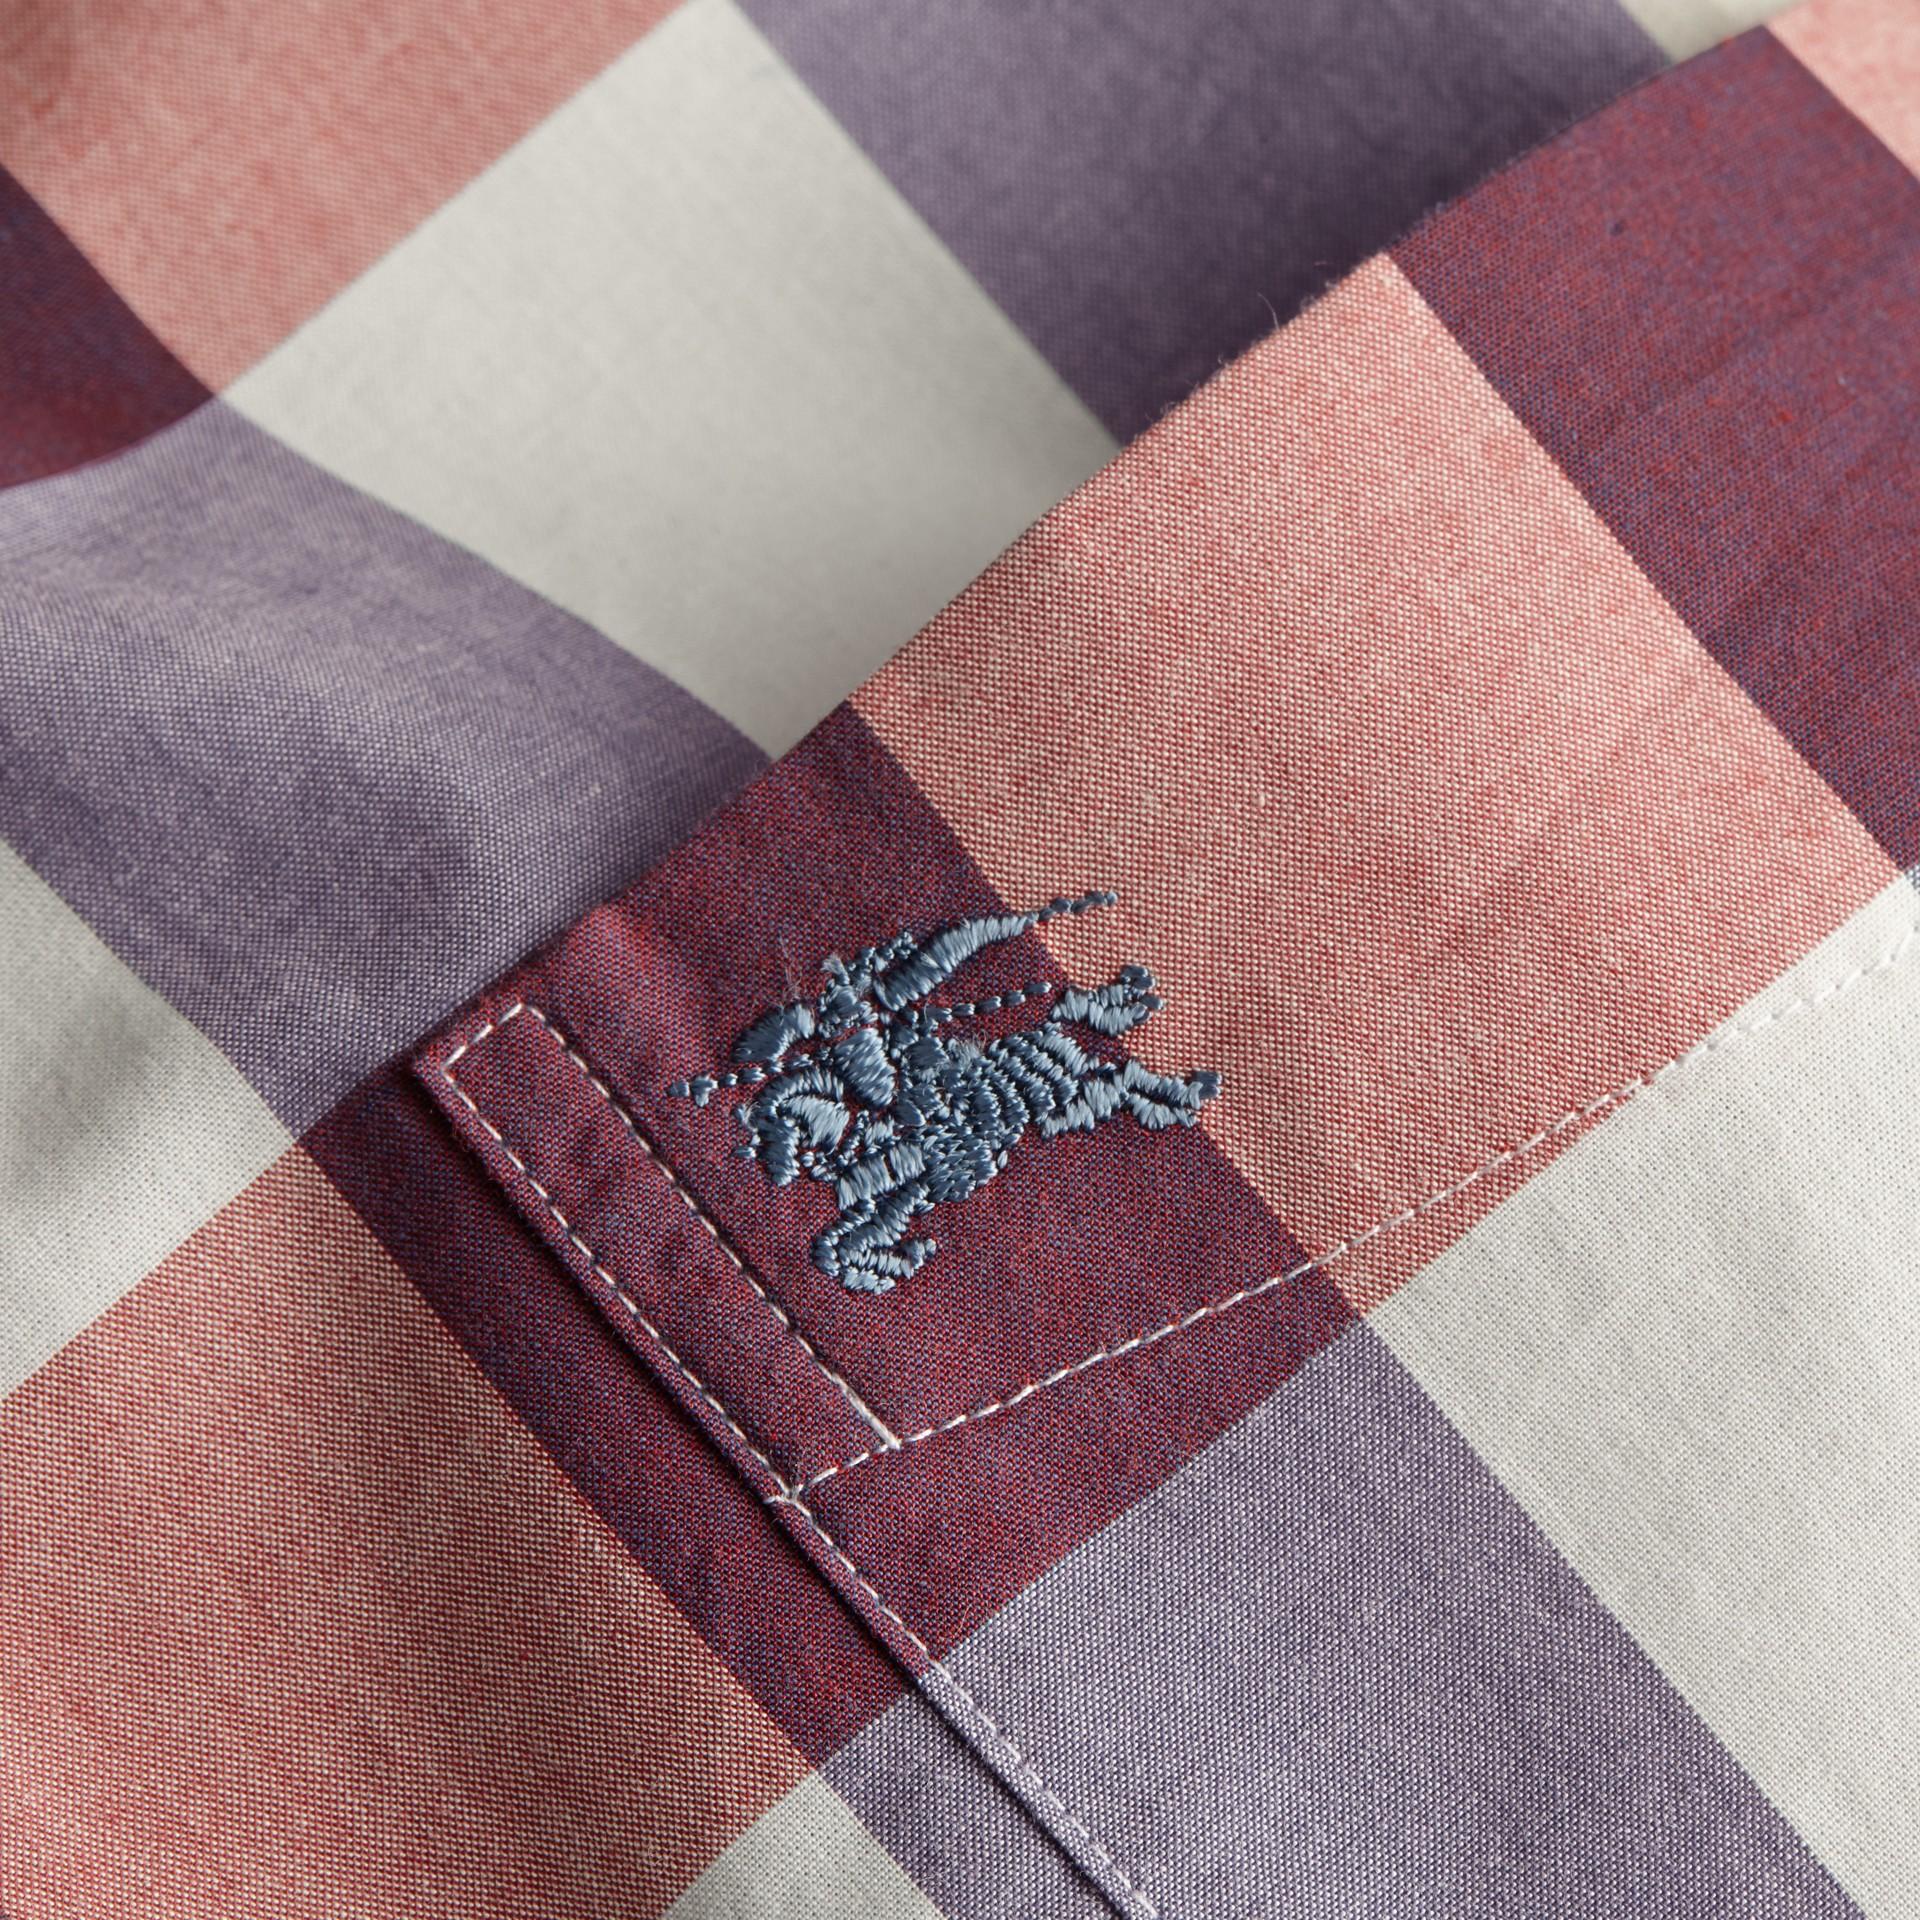 Cuivre rose clair Chemise vichy en coton à col boutonné Cuivre Rose Clair - photo de la galerie 2